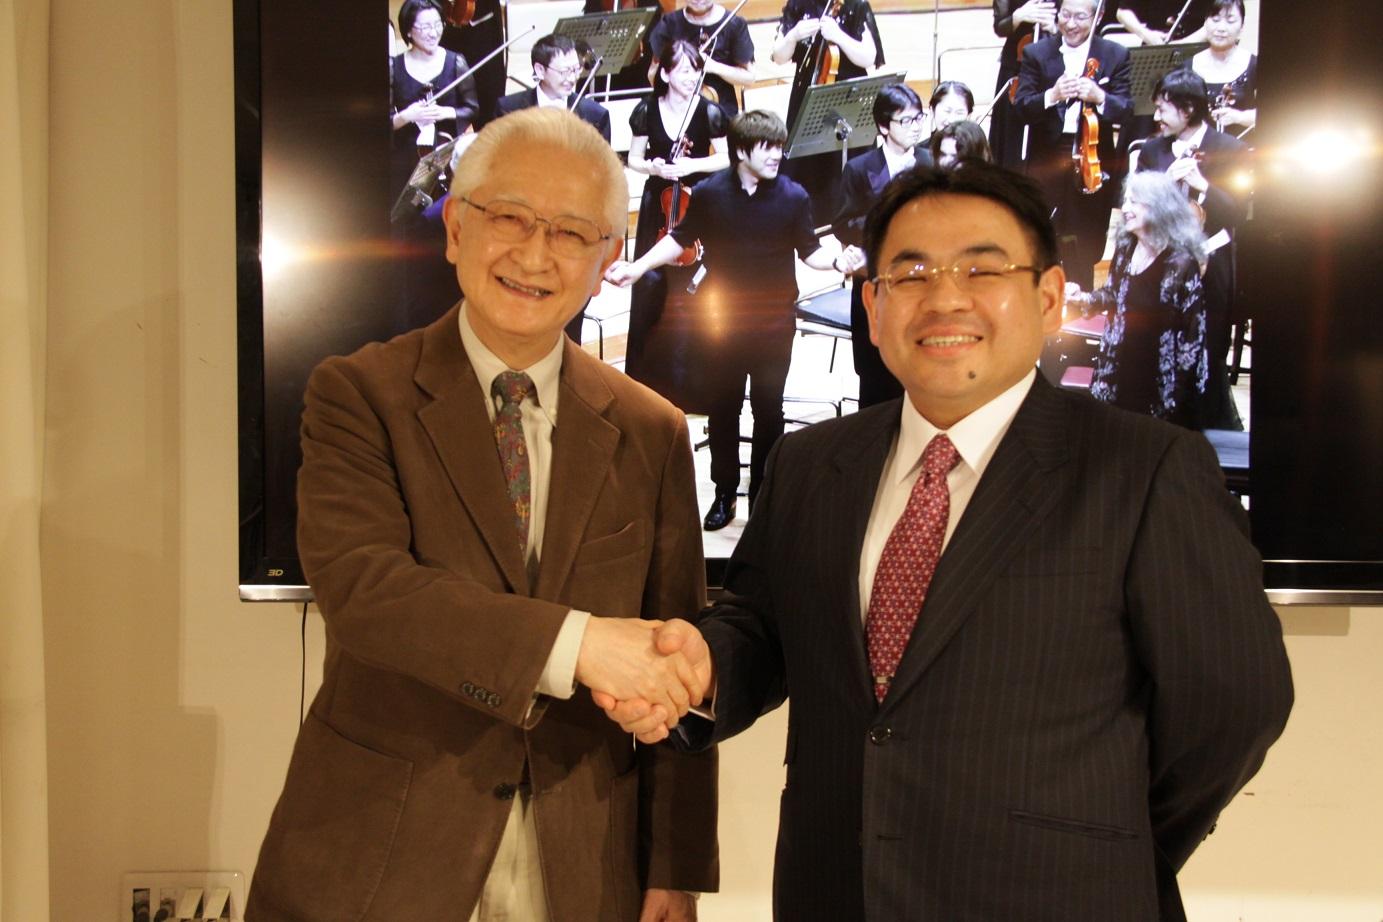 広島交響楽団による記者会見が行われました